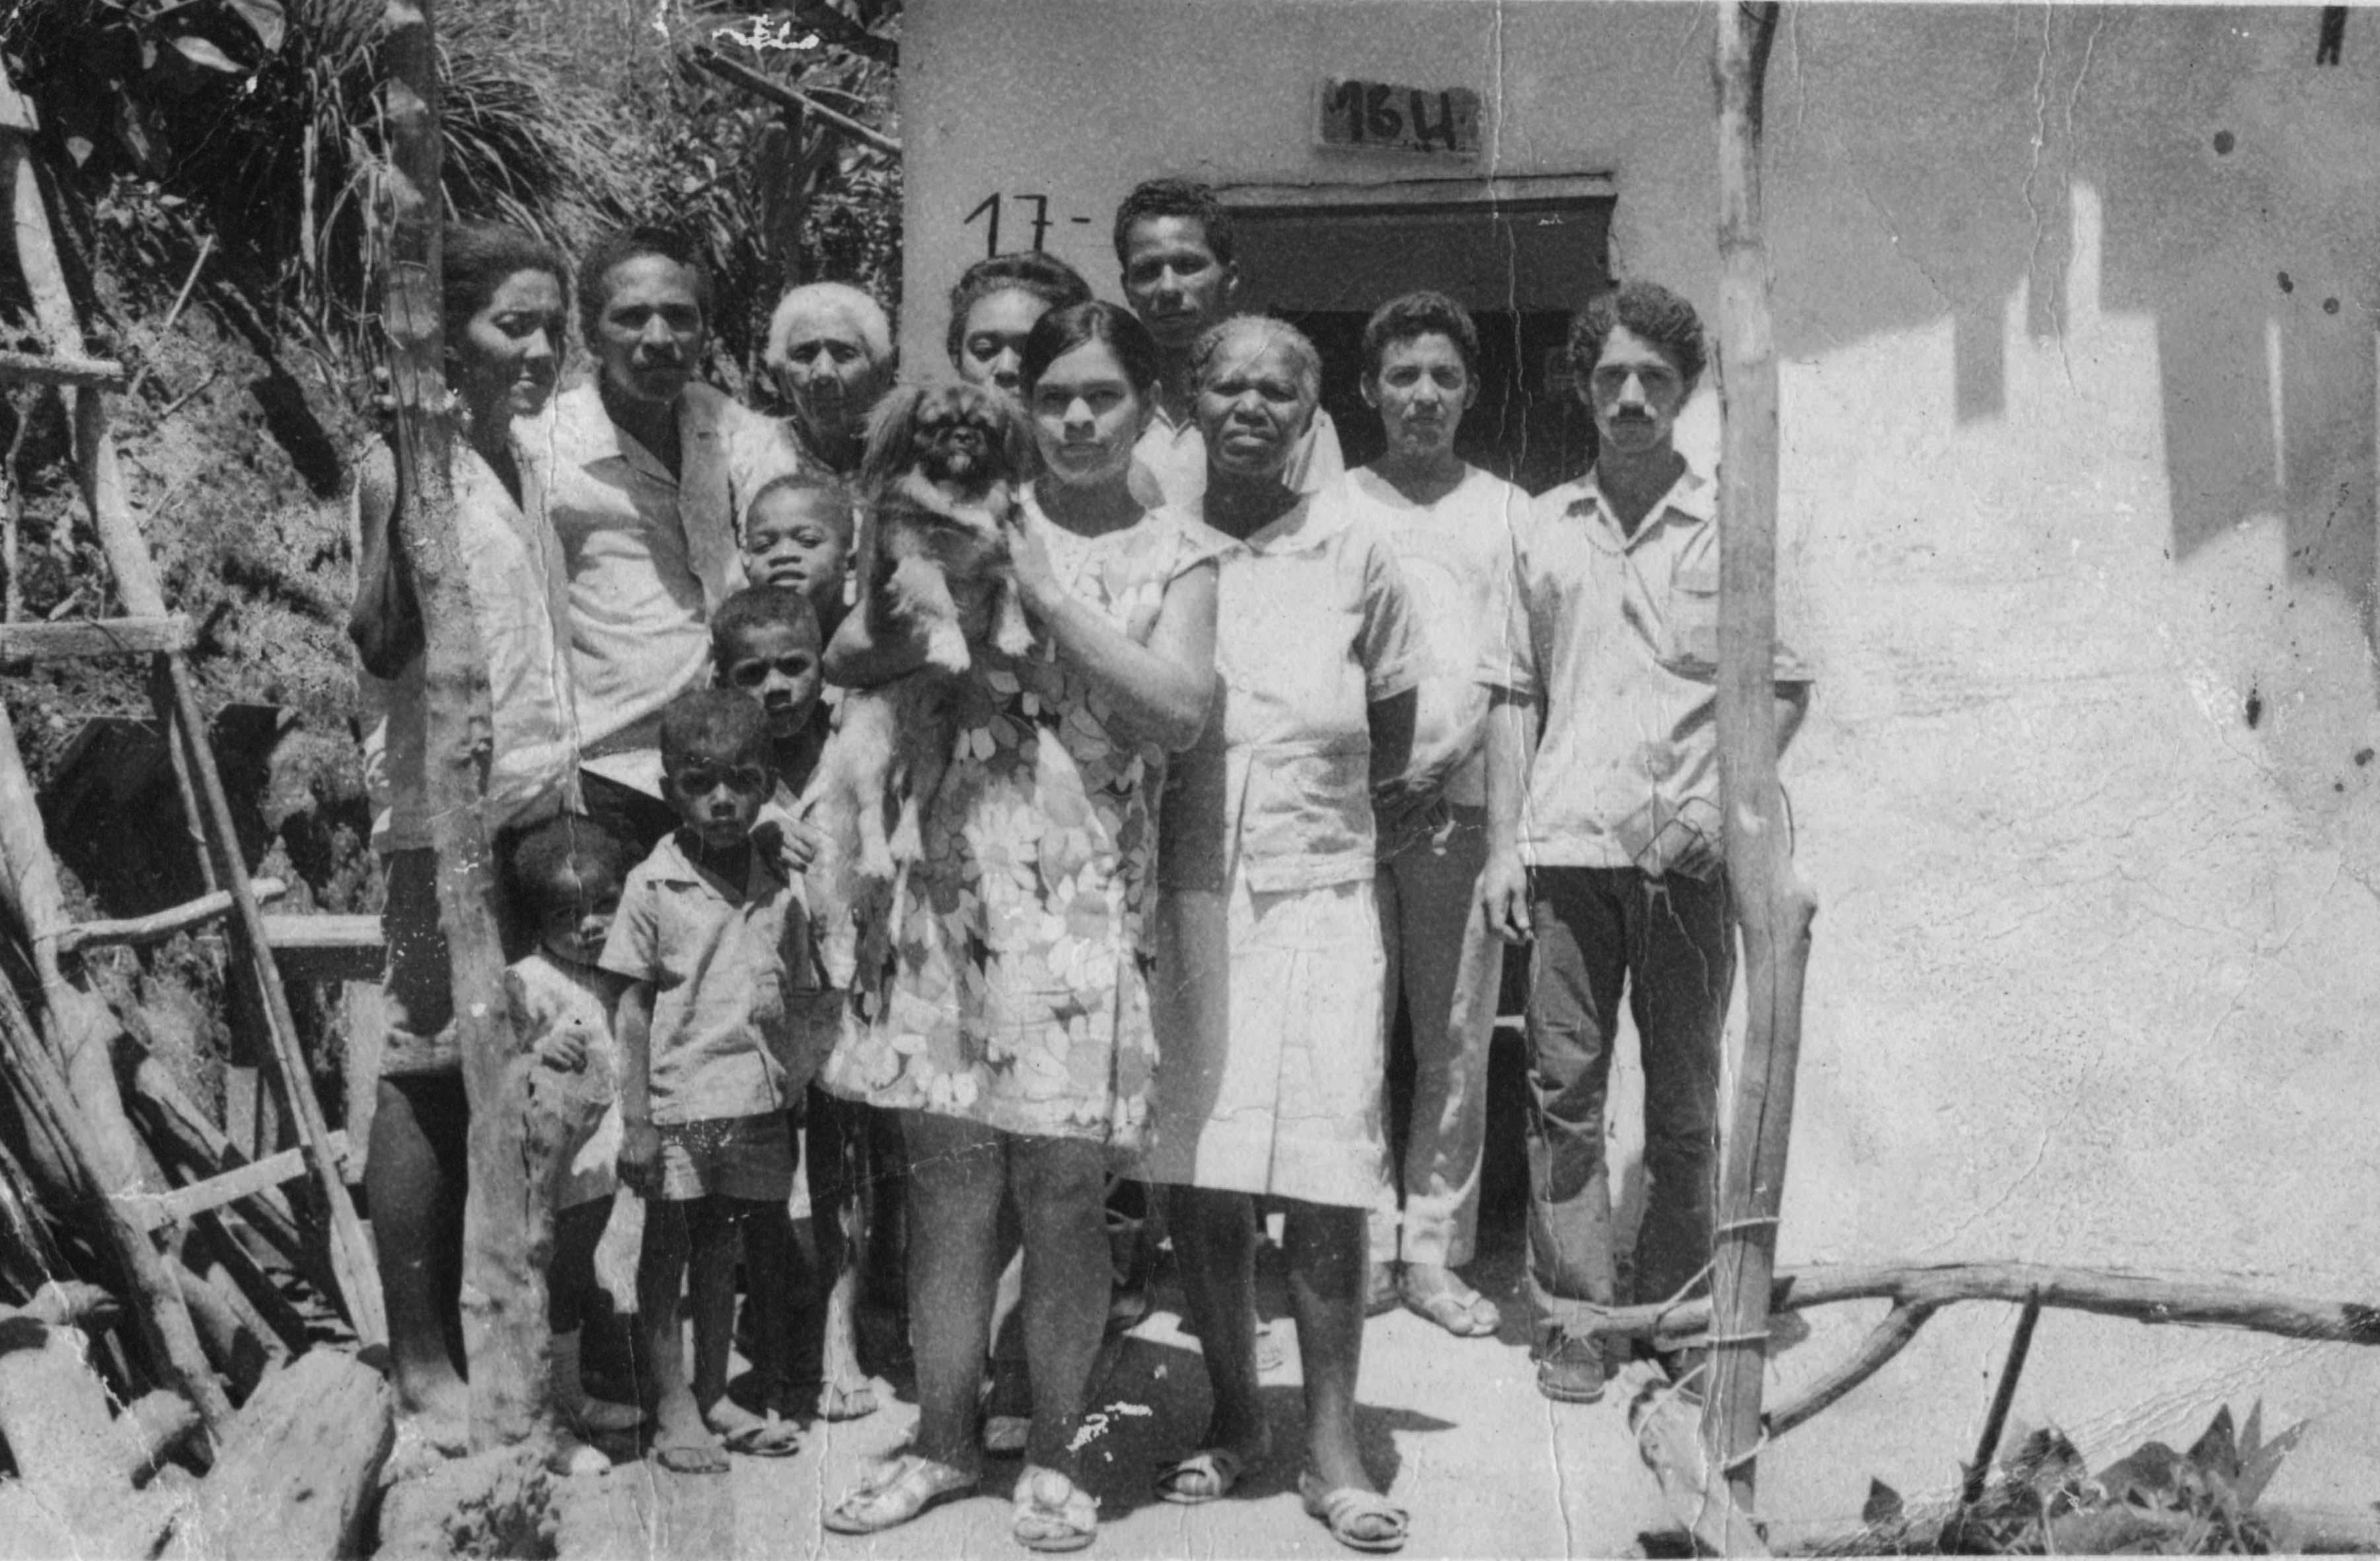 I – Carlinhos Brown e Família – Acervo Pessoal